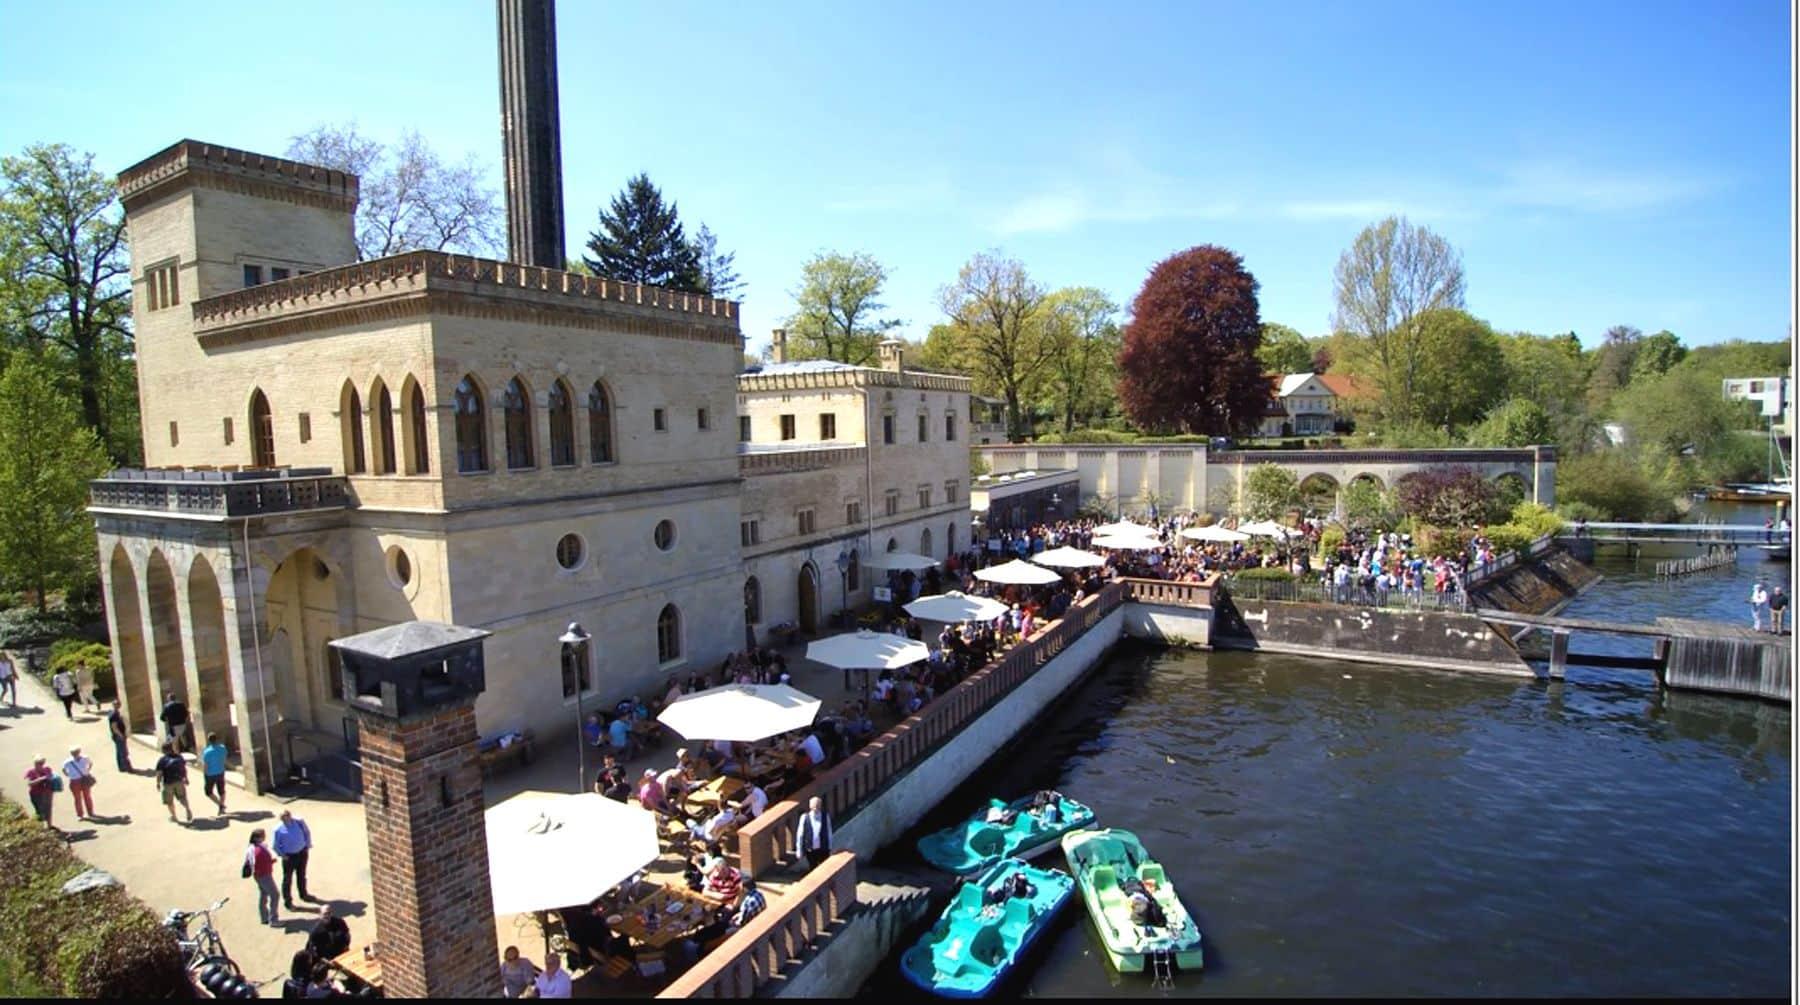 Bilder Des Gasthauses Der Brauerei Meierei Potsdam Meierei Potsdam